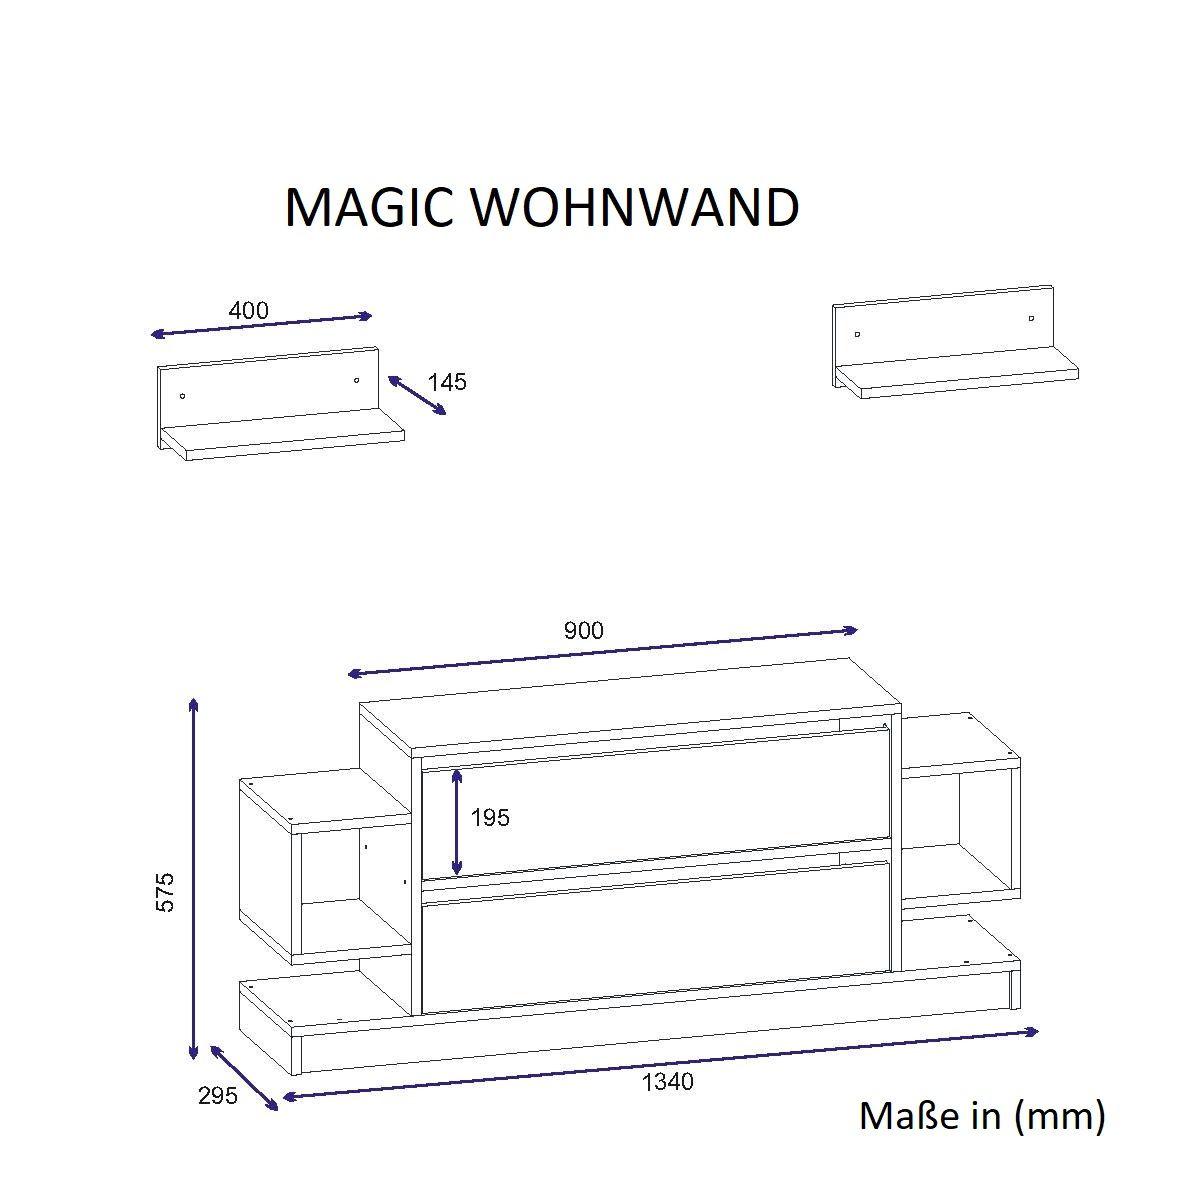 Wohnwand Magic Weiss Walnuss 5